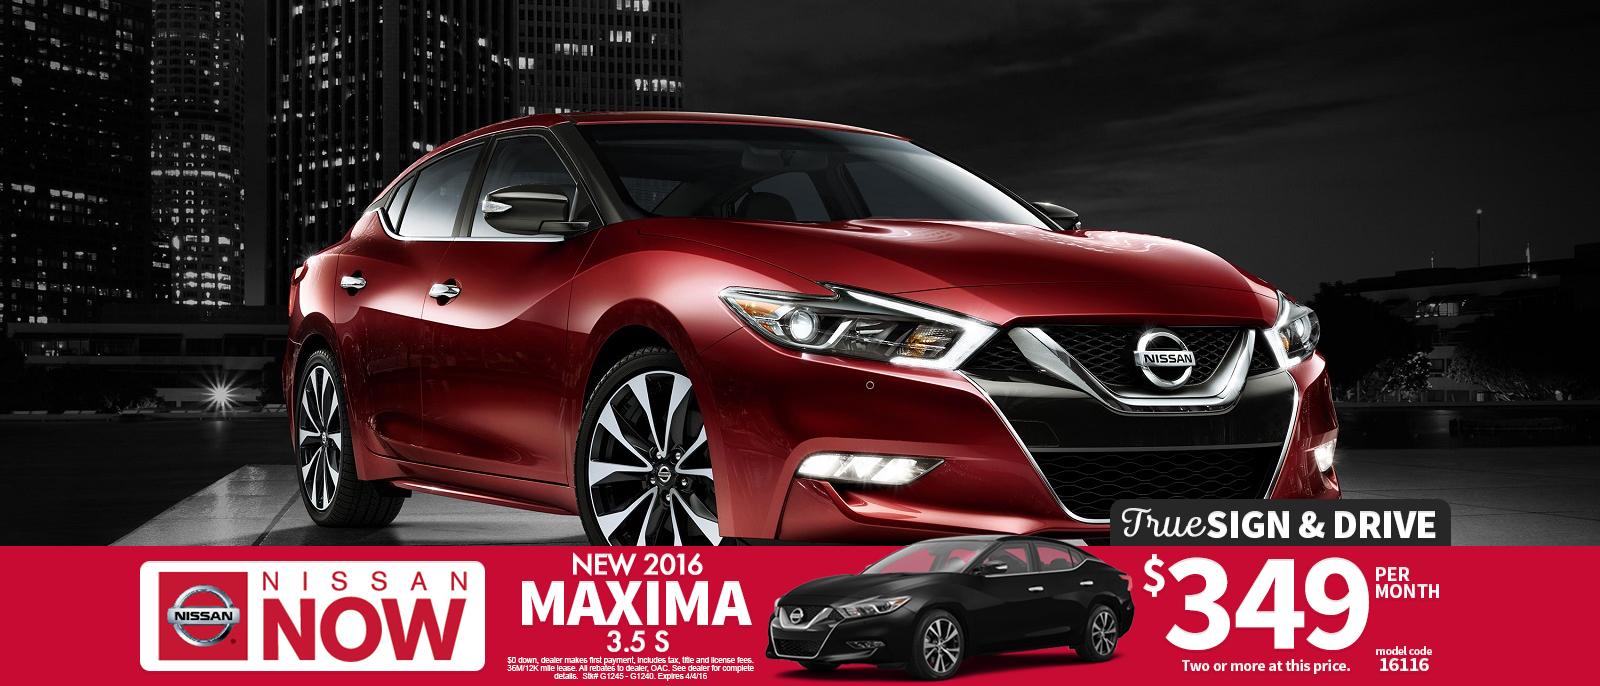 New 2016 Nissan Maxima Dealer Mn Minneapolis Mn Bloomington